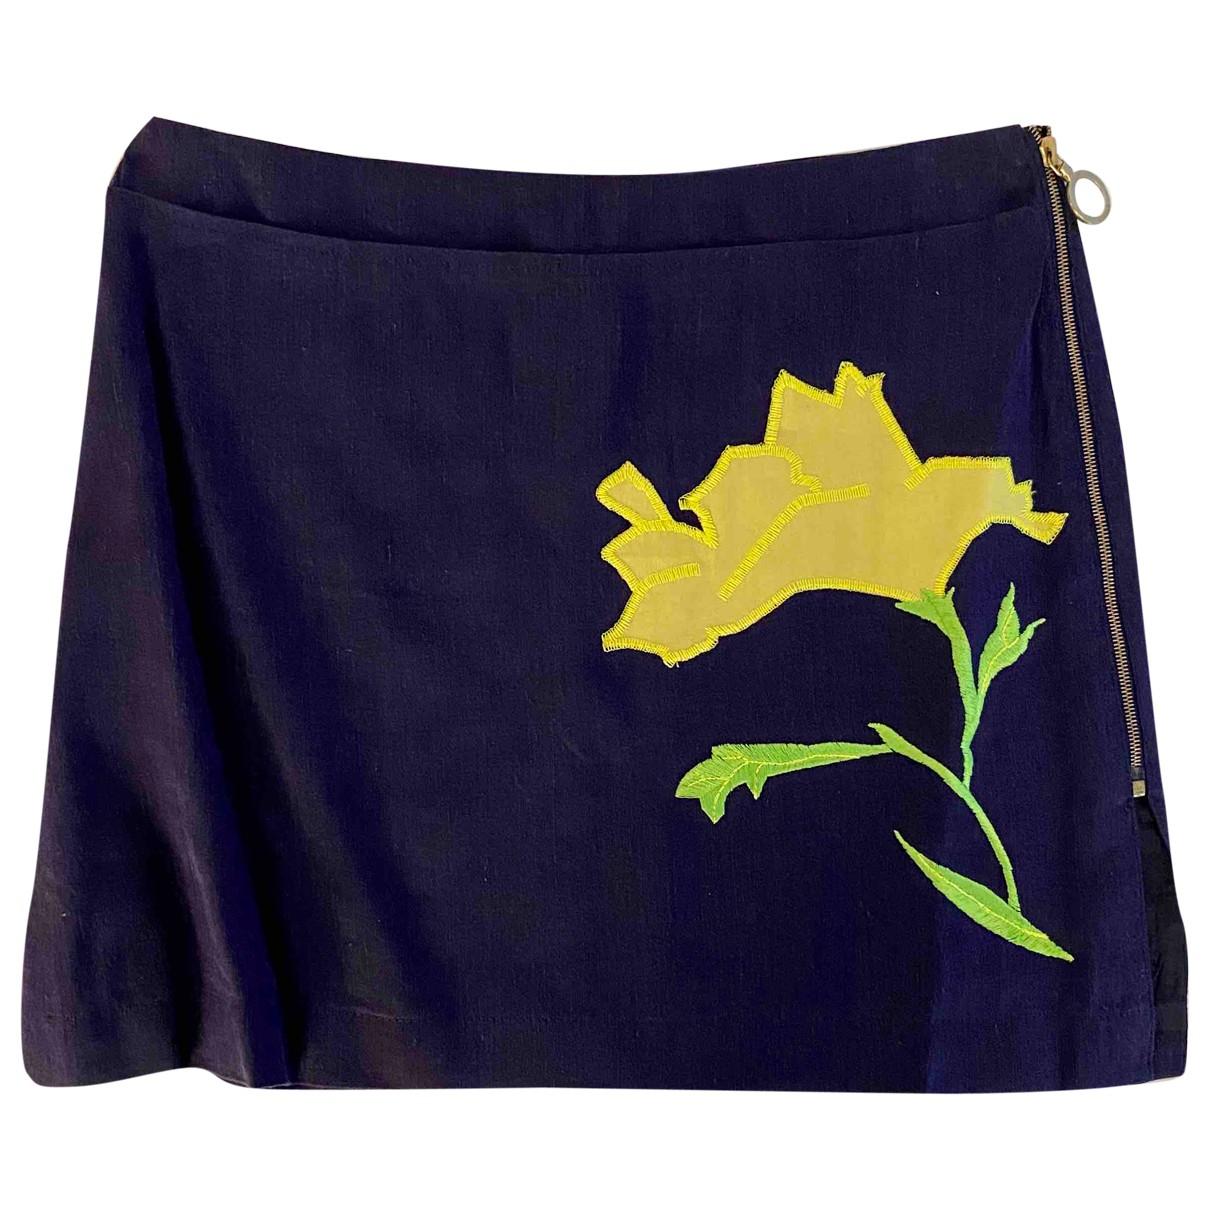 Versus \N Blue Linen skirt for Women 38 FR